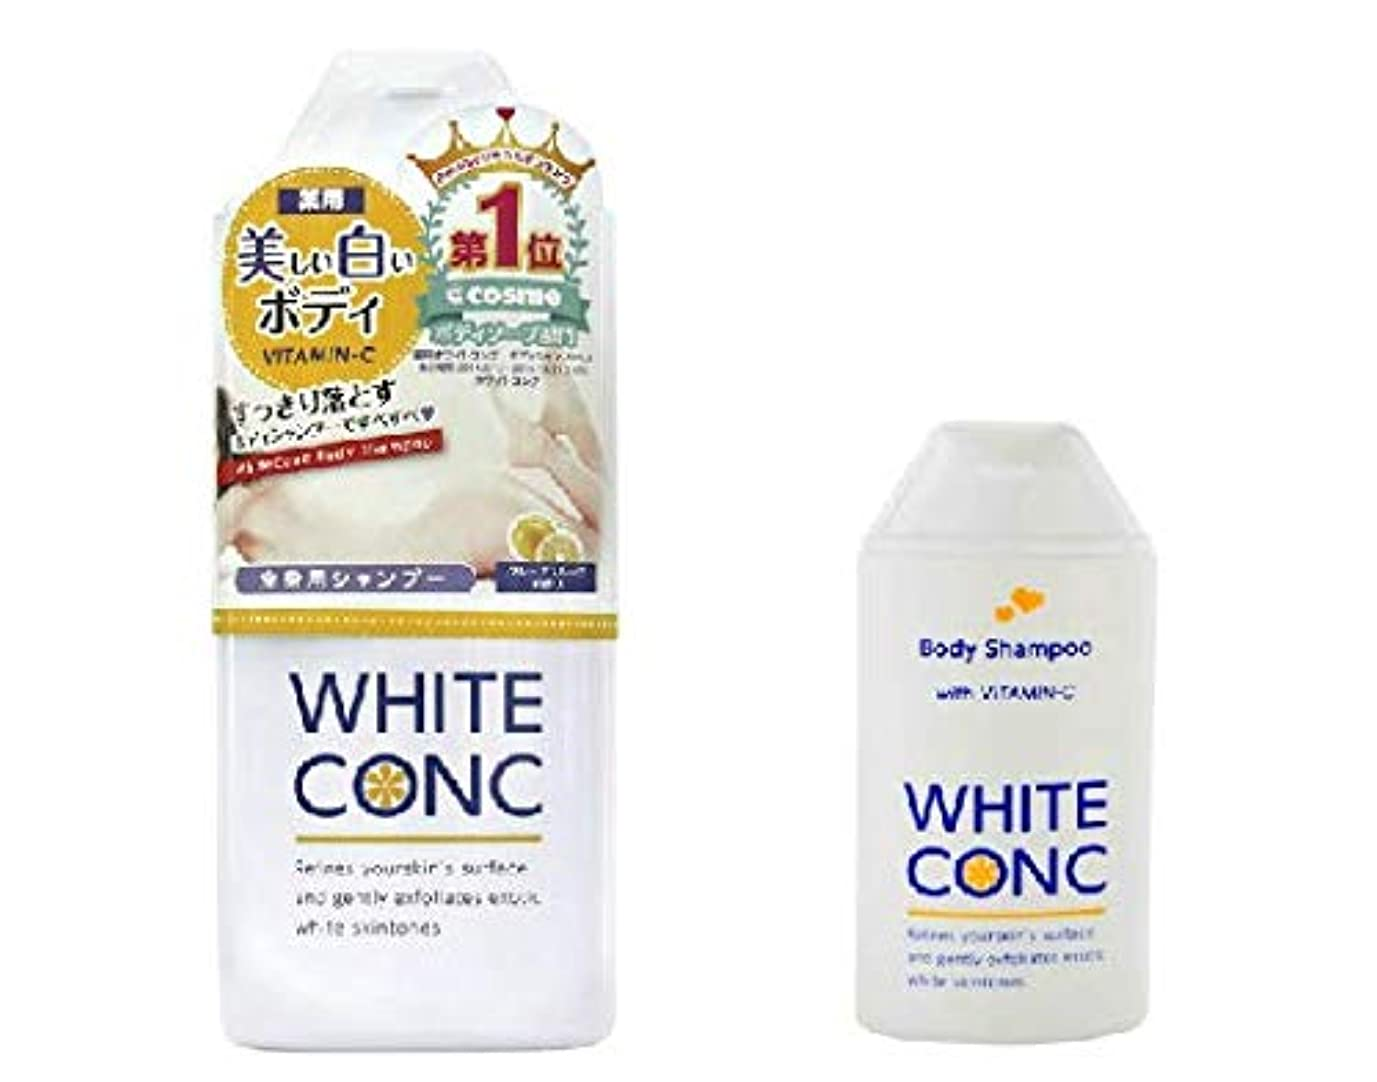 アストロラーベ変色するアクロバット【WHITE CONC(ホワイトコンク)】 ボディシャンプーC Ⅱ_360mL1本&150mL1本